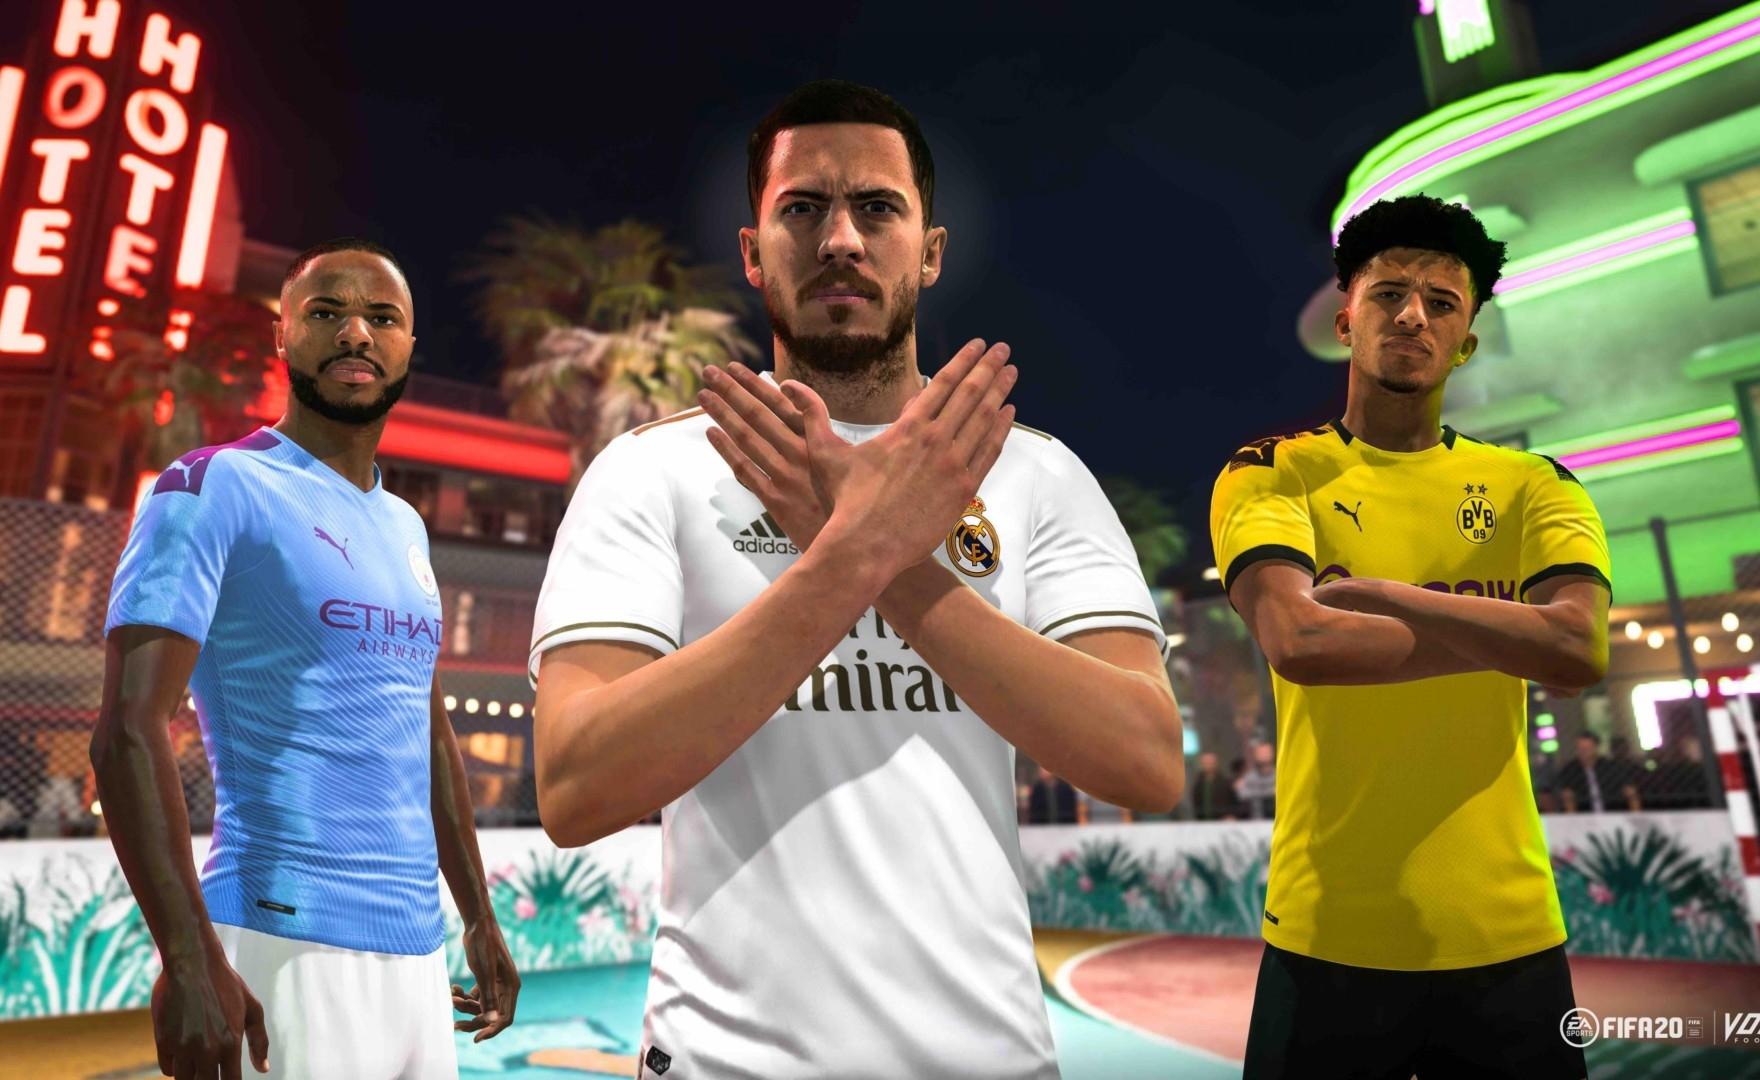 FIFA 20: oltre 10 milioni di giocatori in tutto il mondo